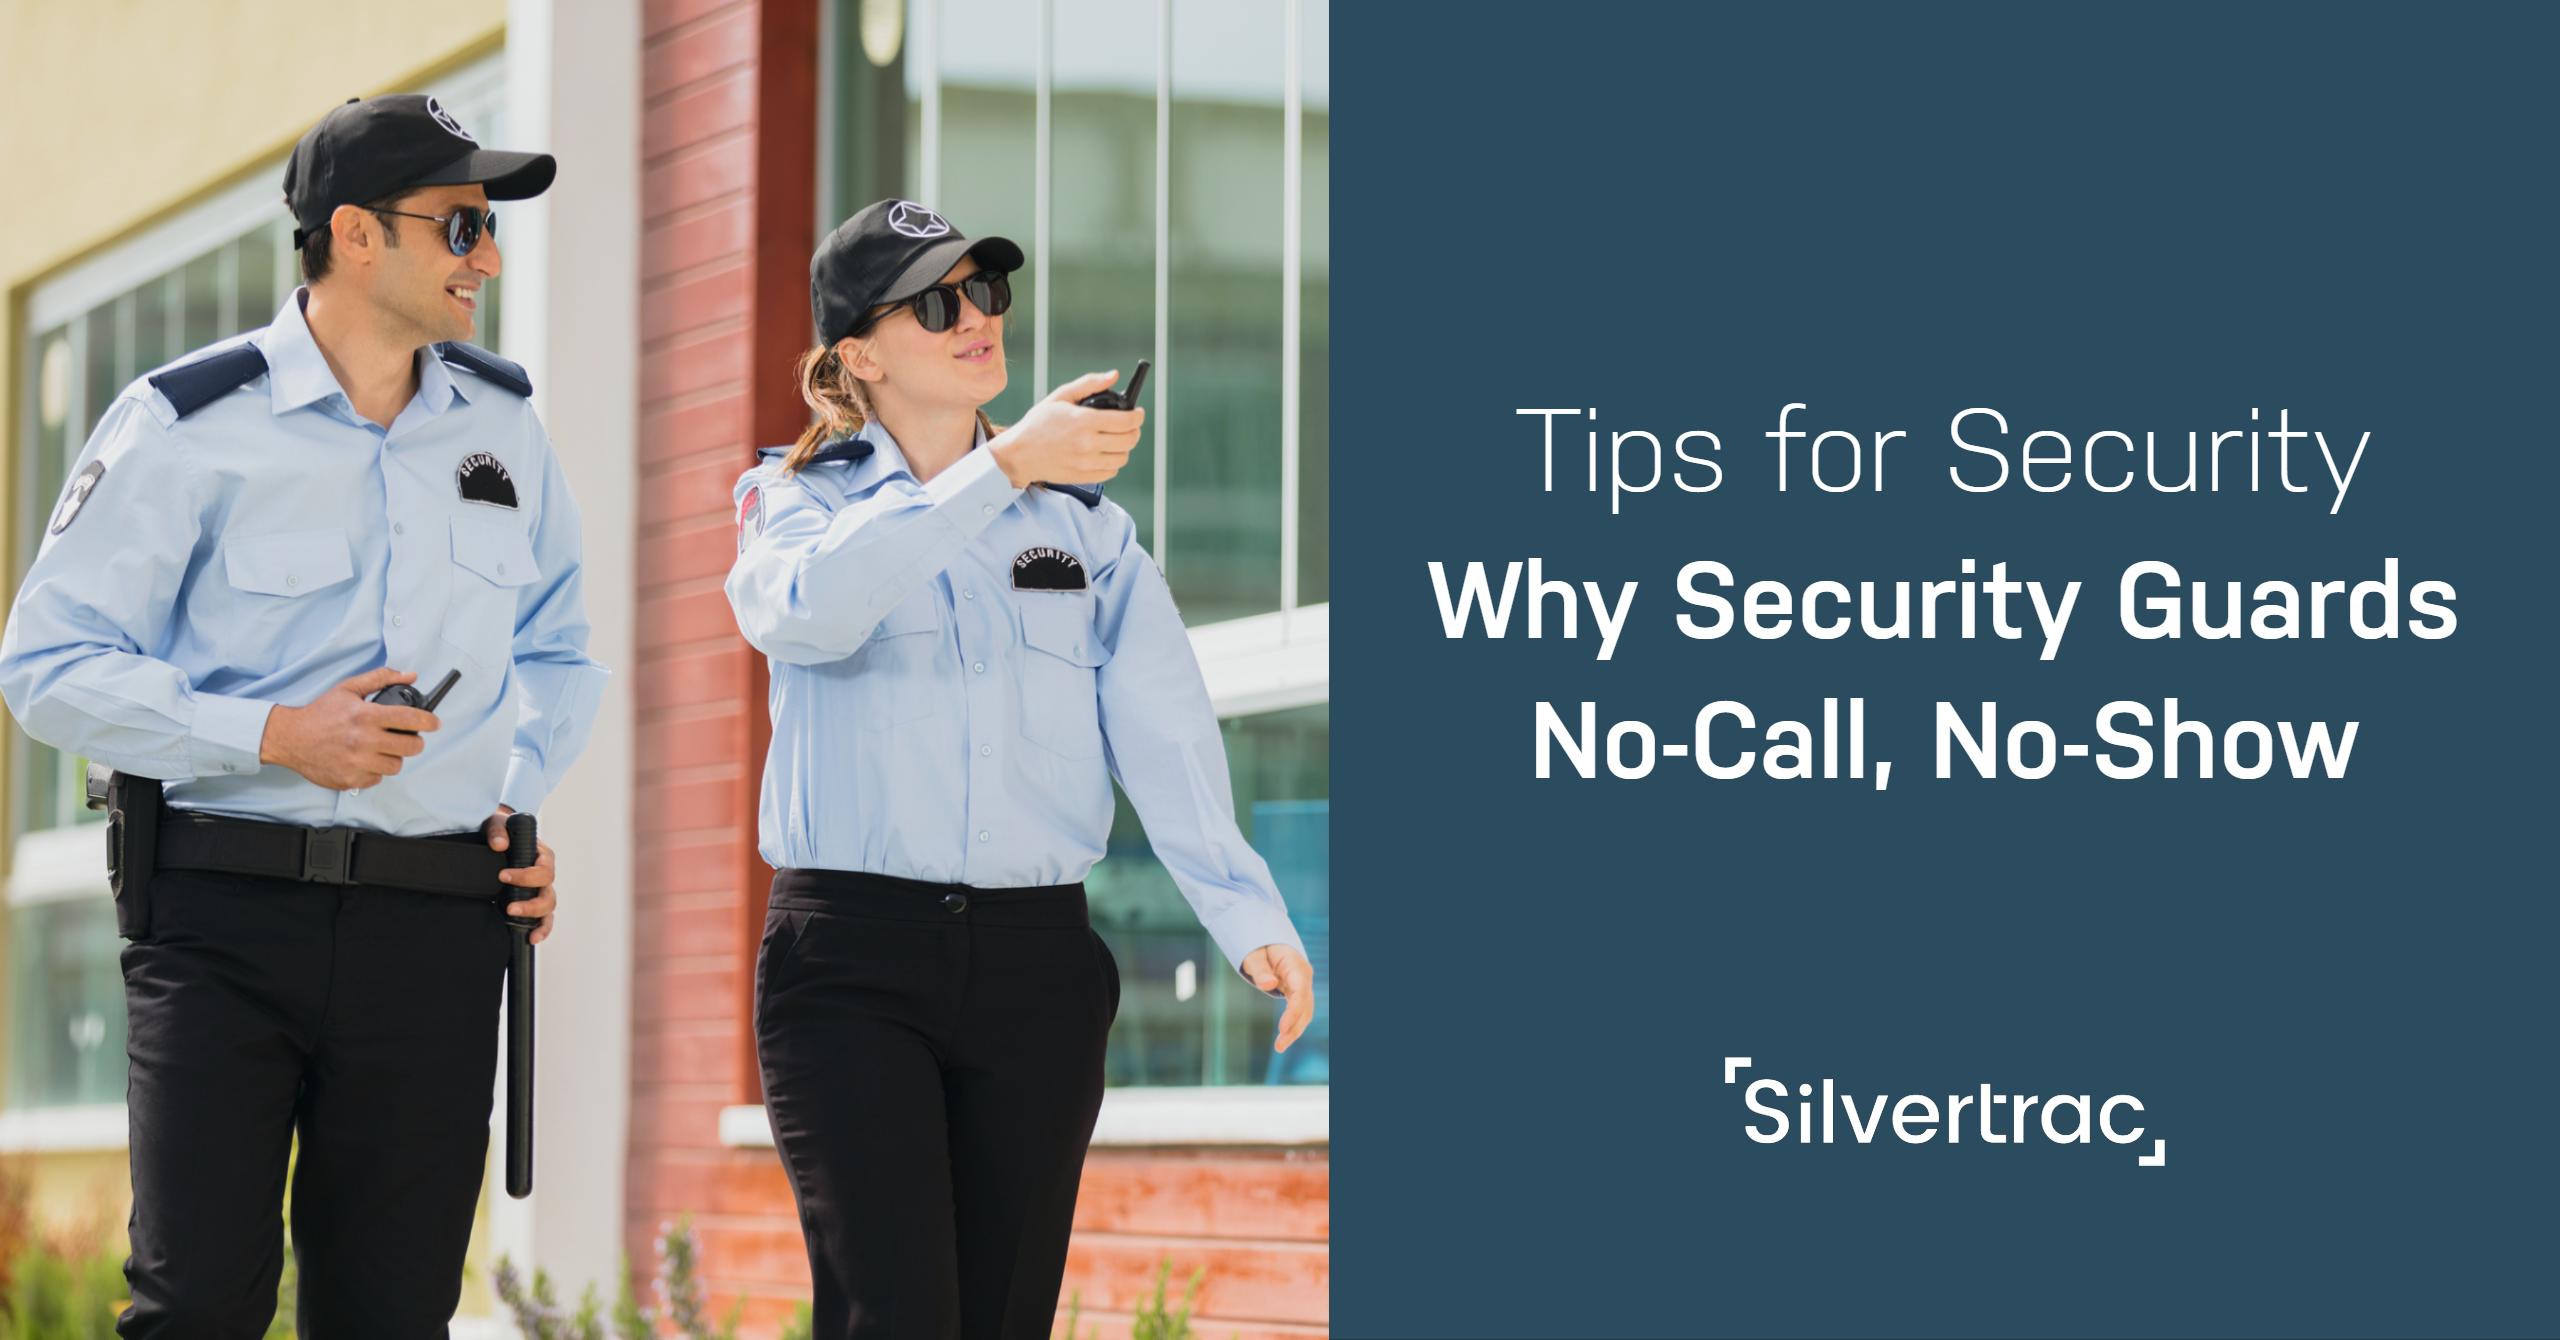 Why Security Guards No Call No Show